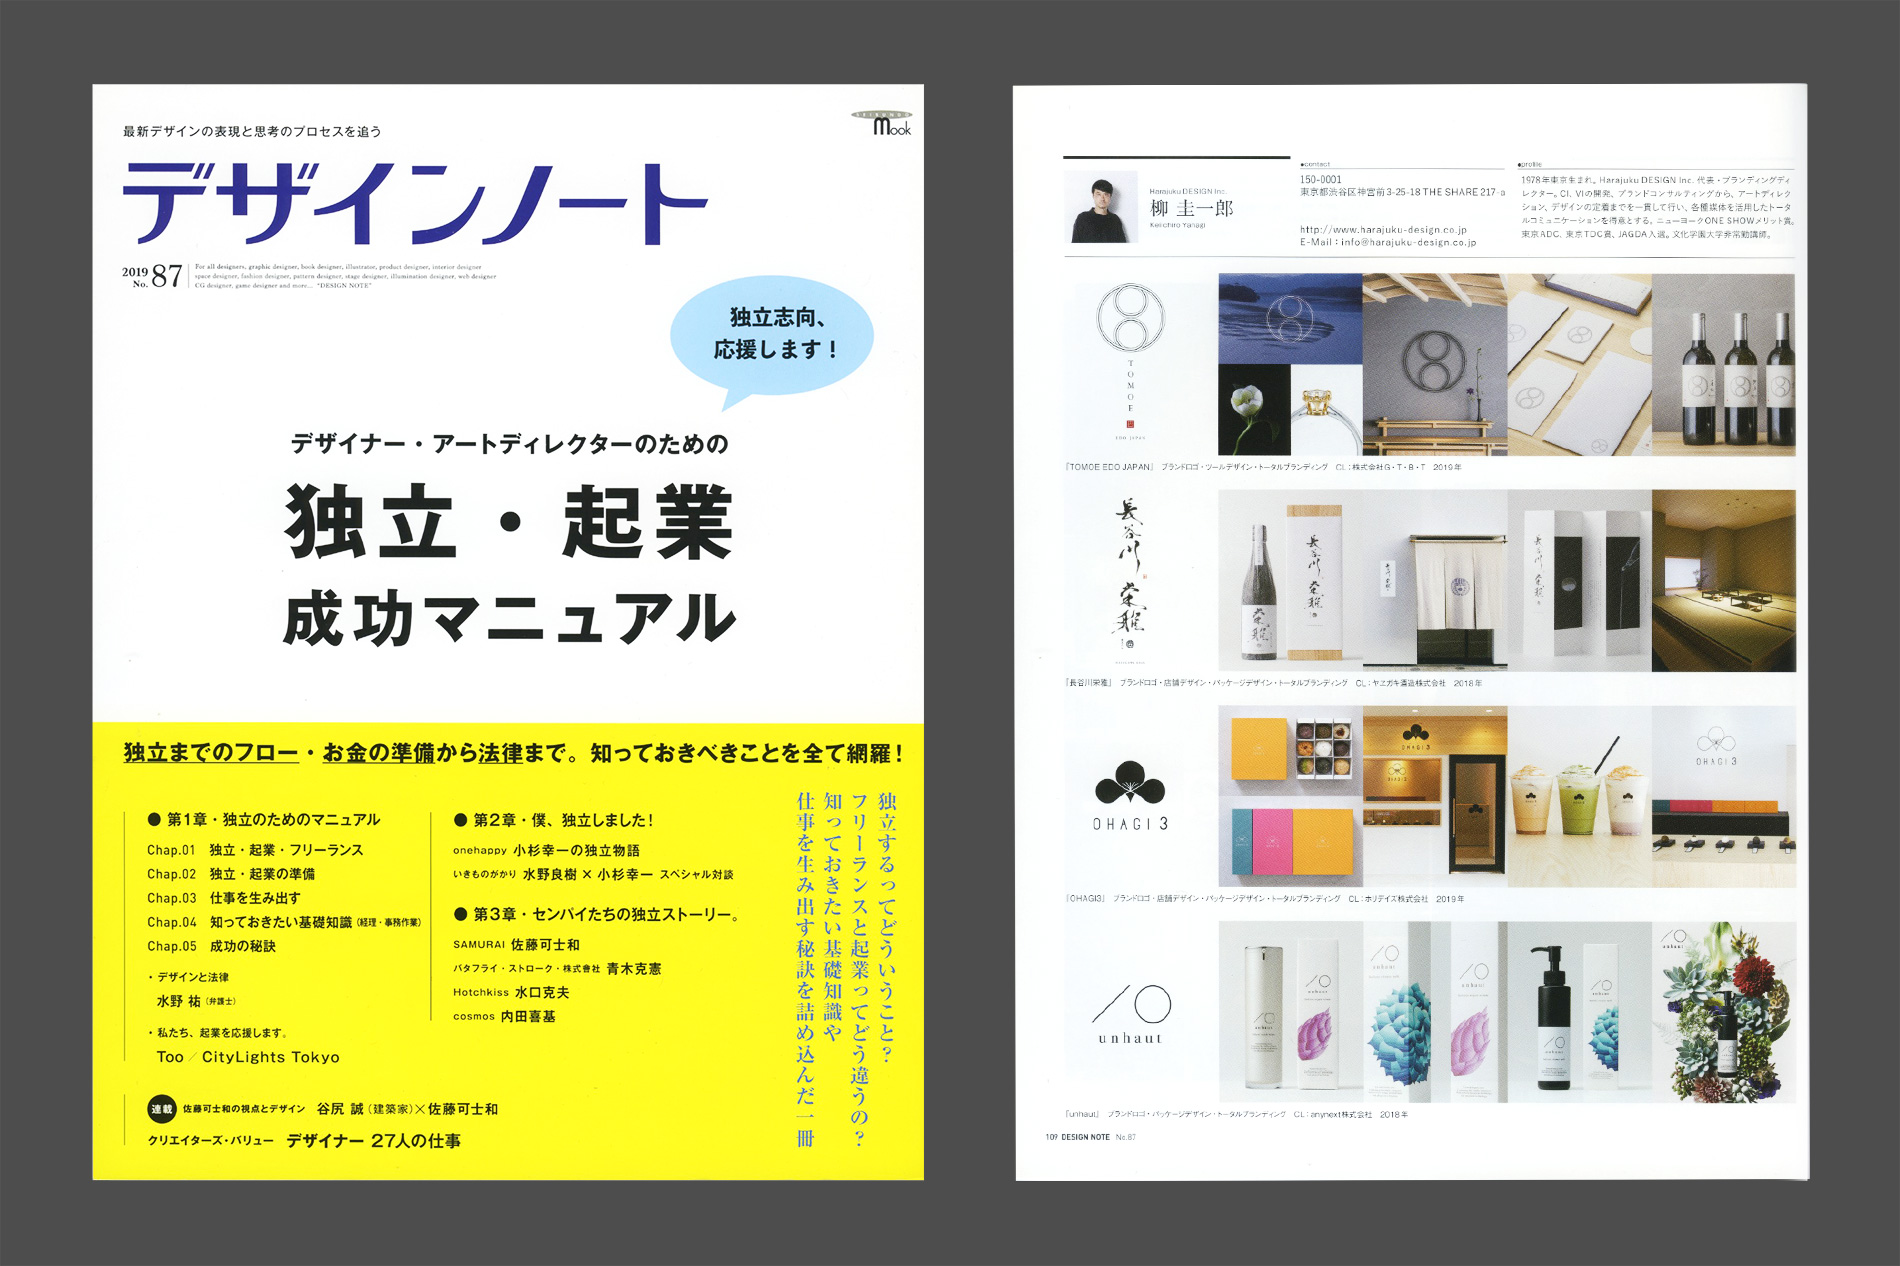 デザインノートNo.87 柳 圭一郎